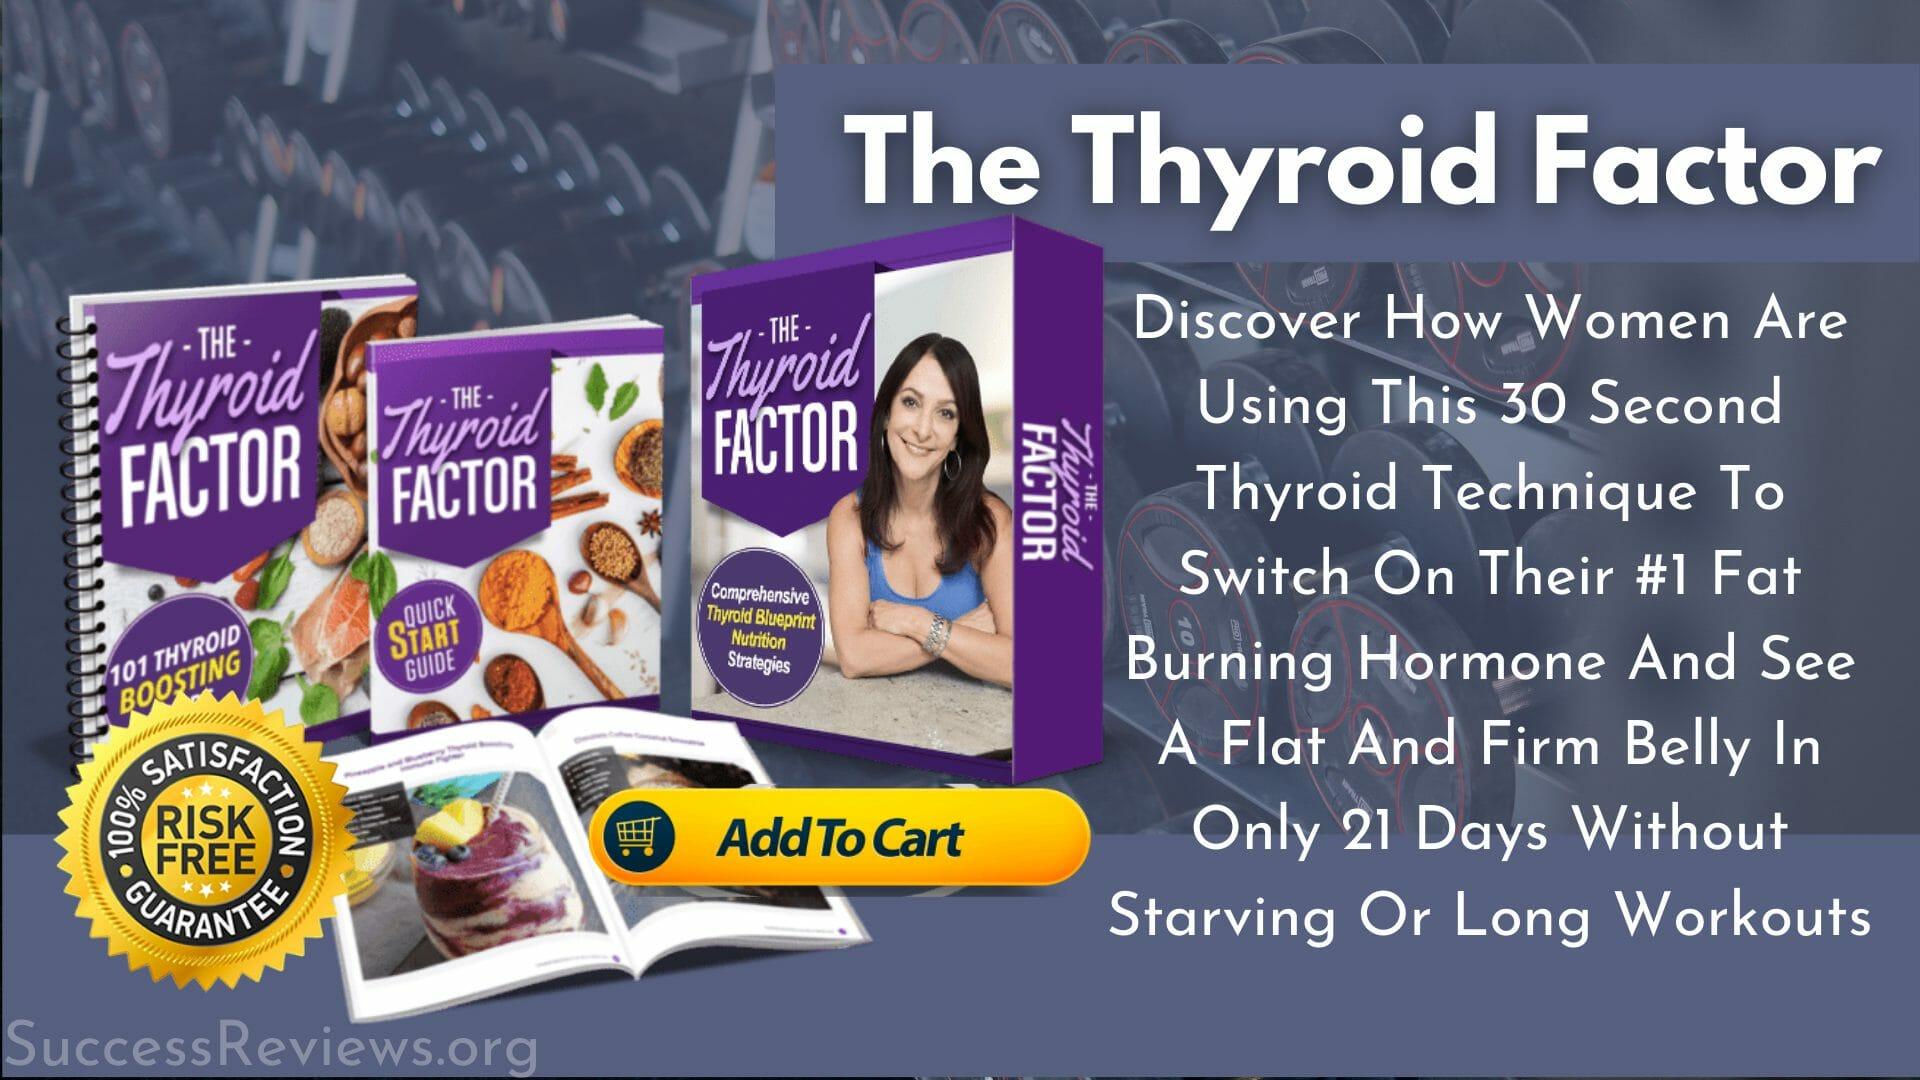 The Thyroid Factor